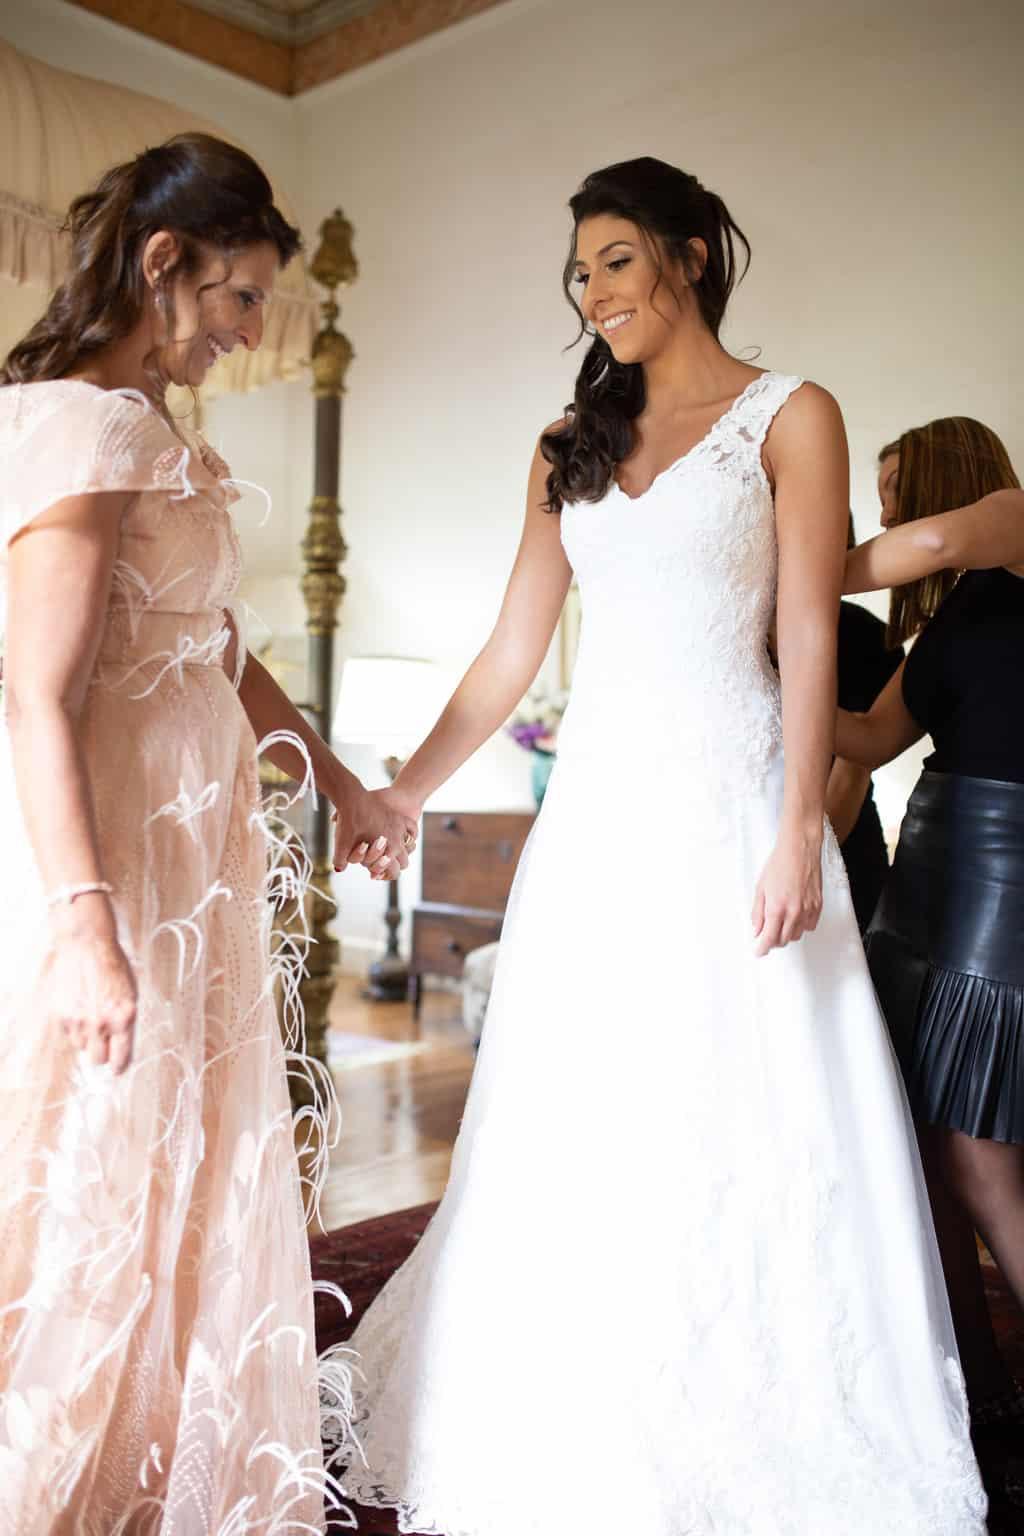 casamento-na-Fazenda-Vila-Rica-cerimonial-Ana-Paula-Tabet-Fotografia-Euka-Weddings-making-of-Renata-e-Gabriel53